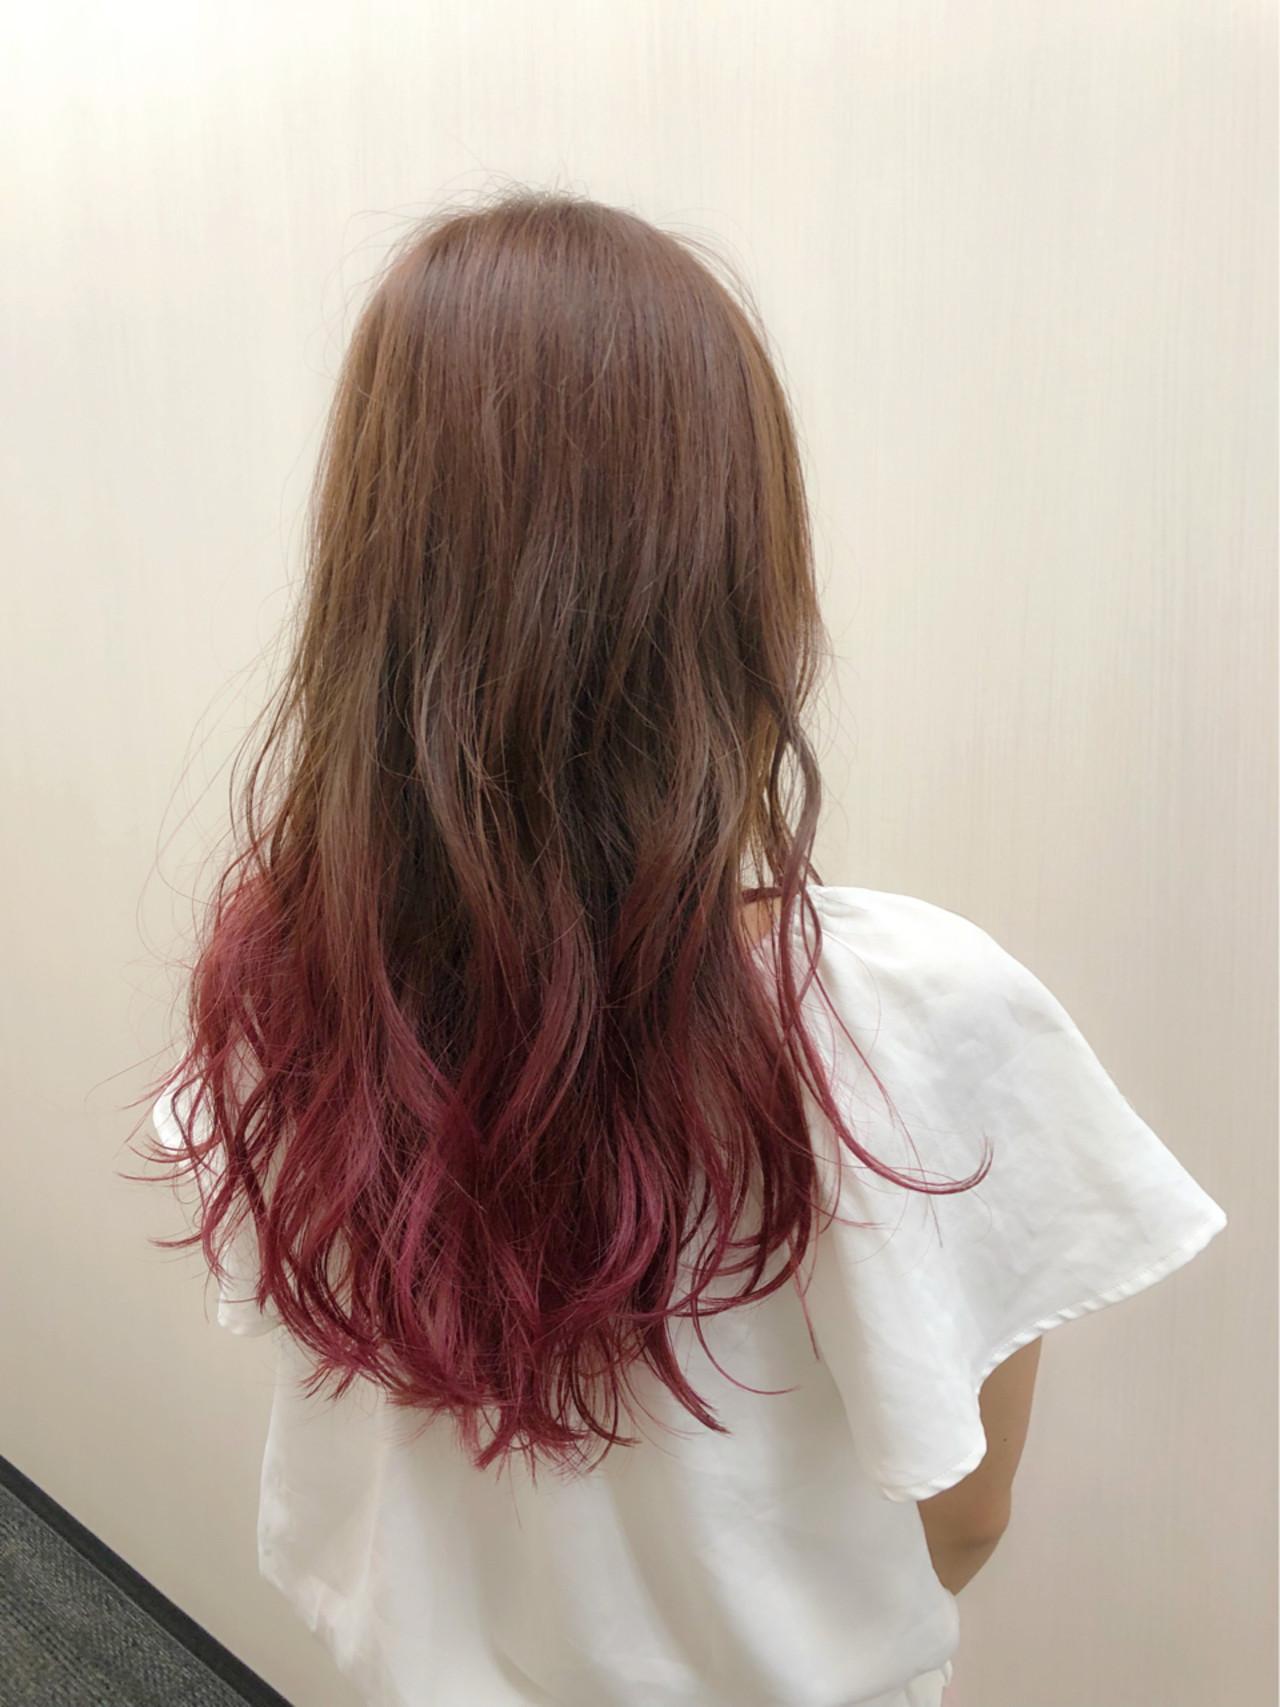 市販で買える色持ち◎なおすすめピンクのヘアカラートリートメントの15枚目の画像